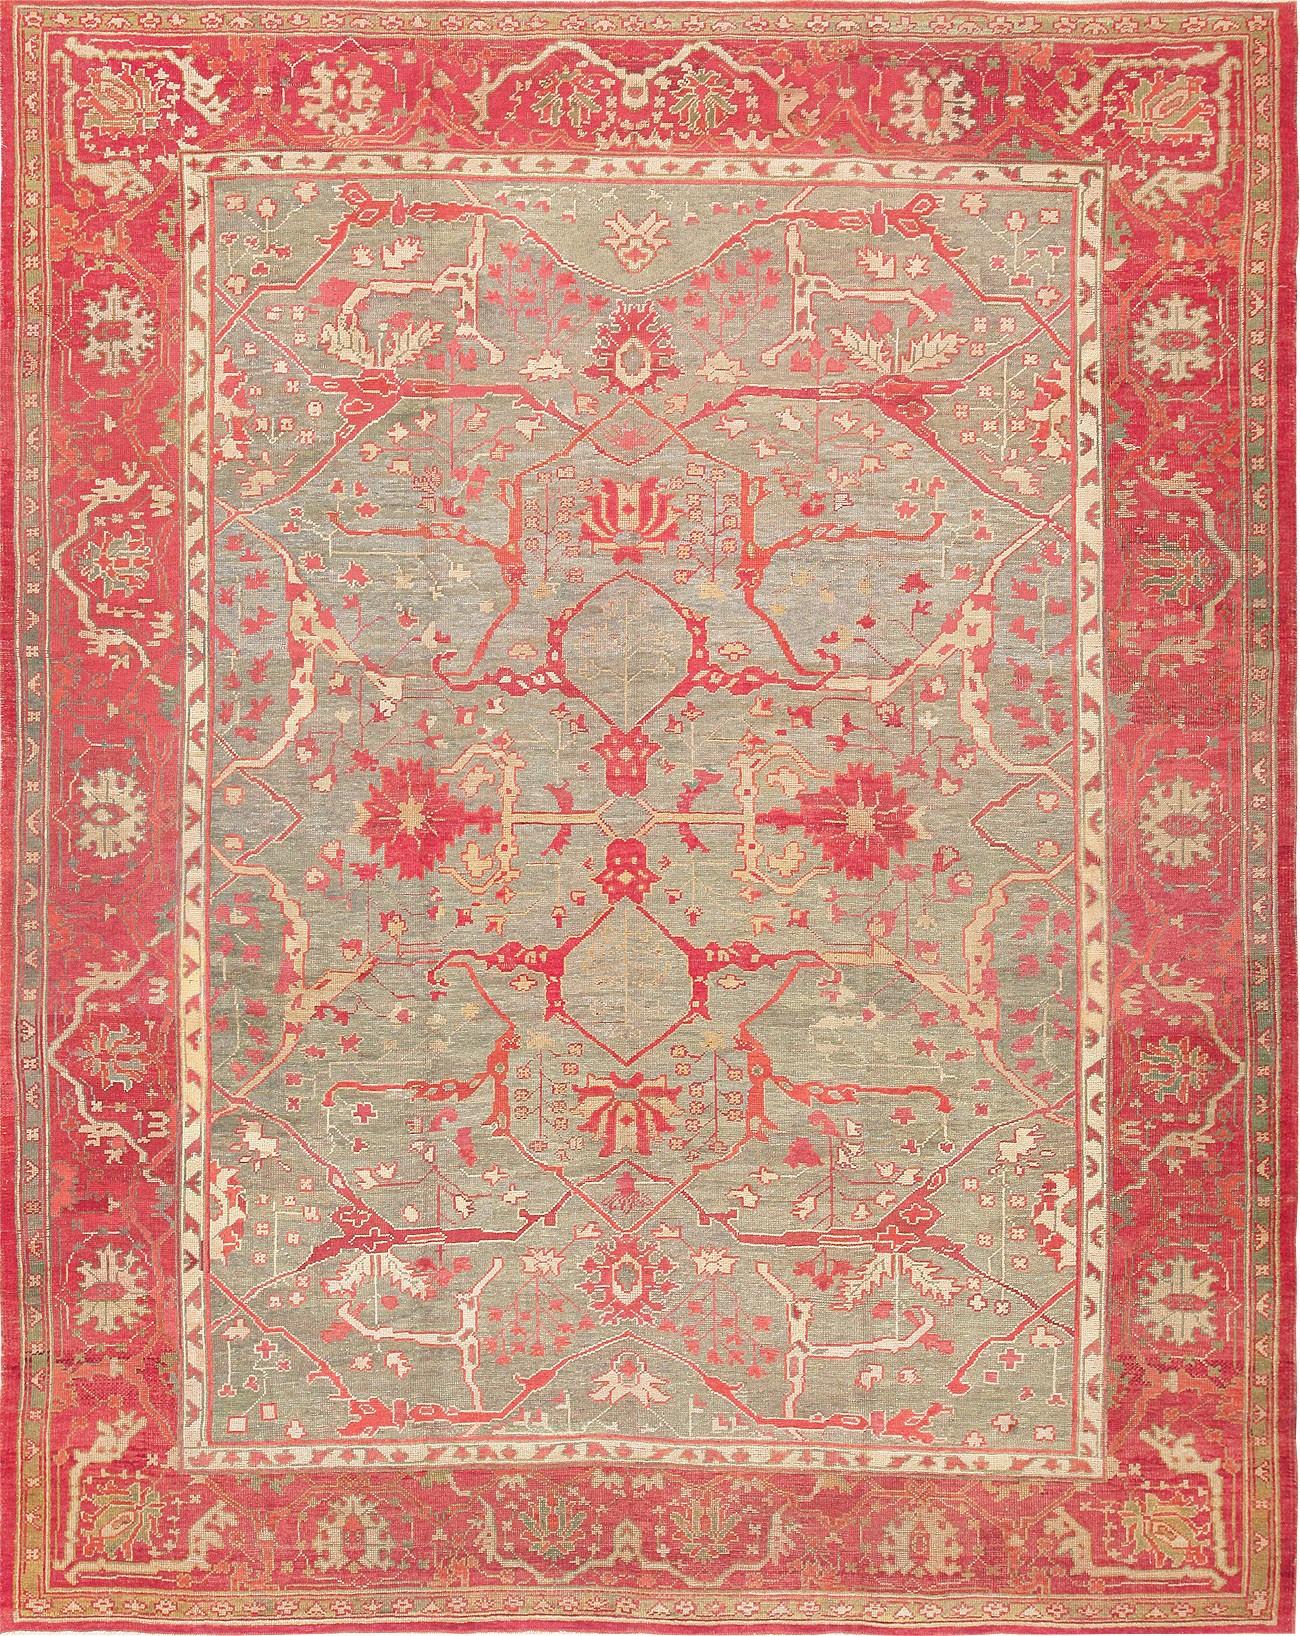 antique red turkish oushak carpet.jpg